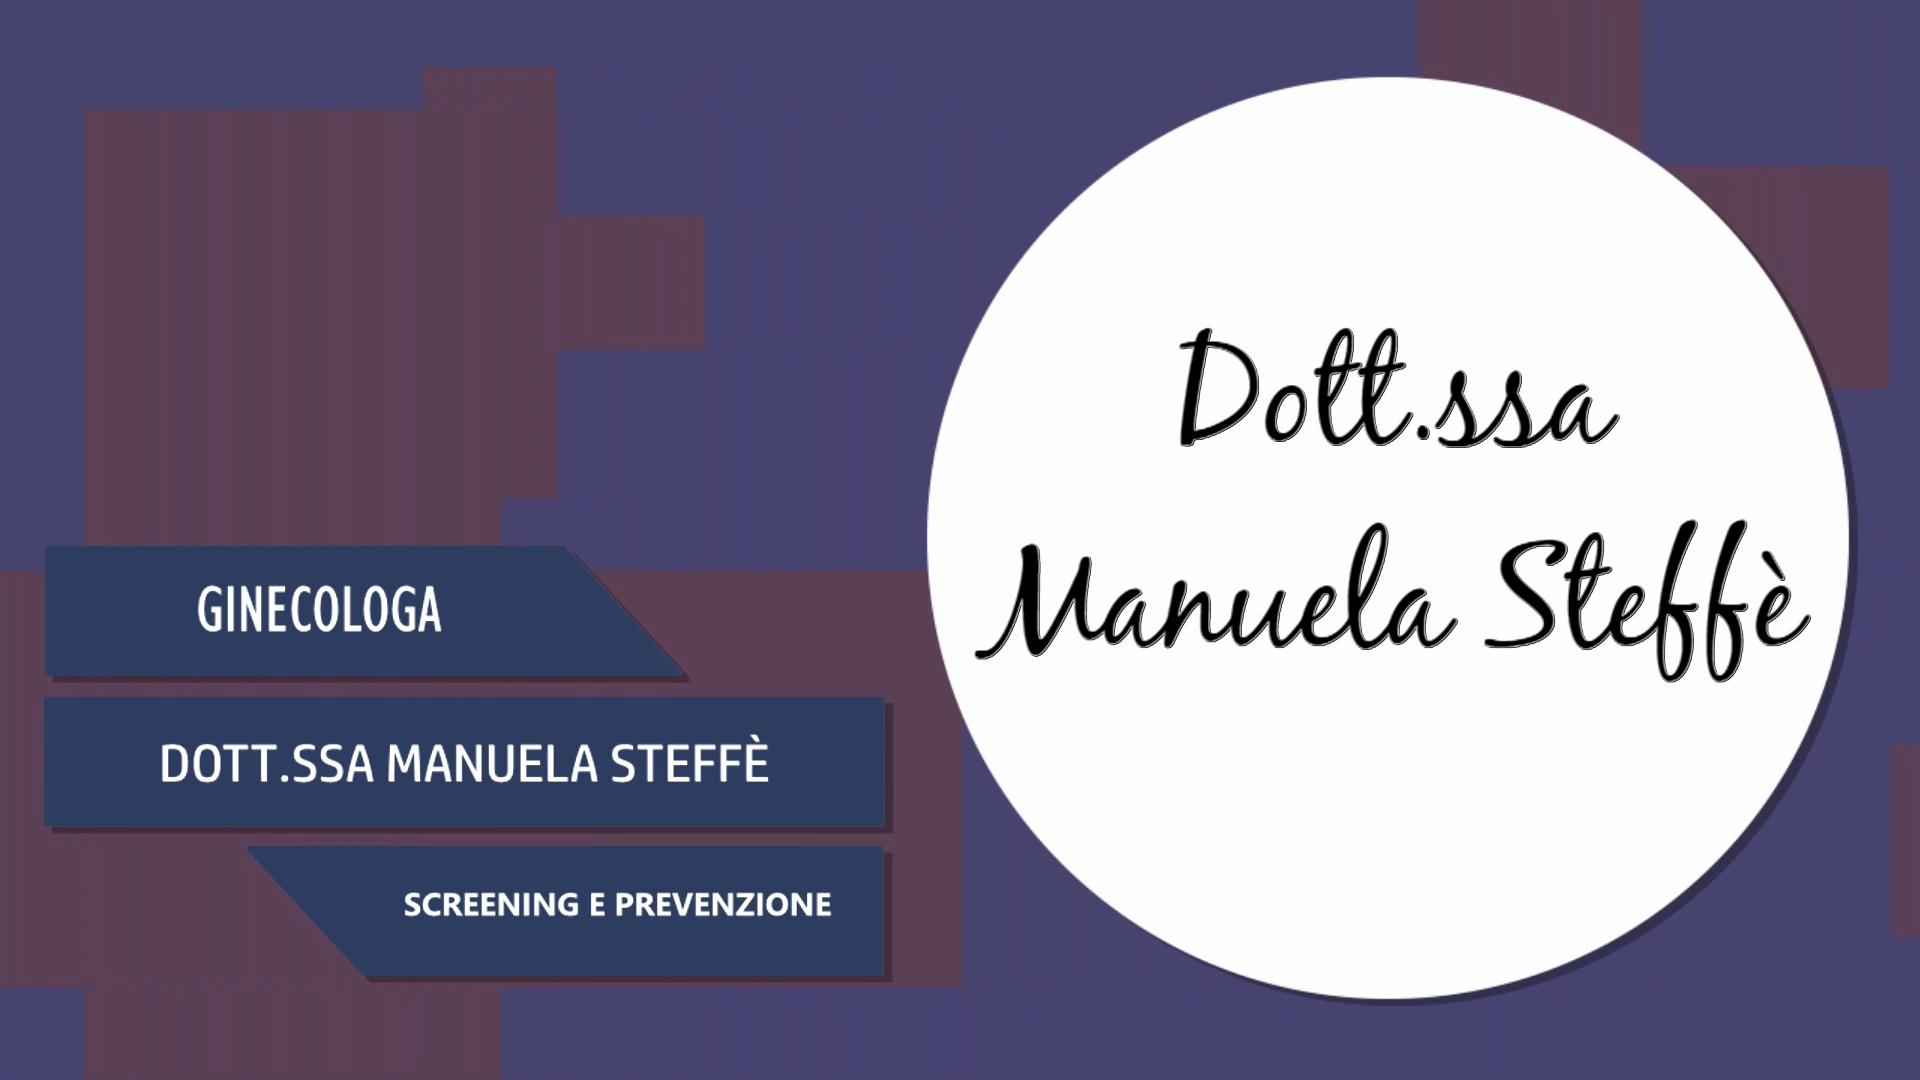 Intervista alla Dott.ssa Manuela Steffè – Screening e prevenzione